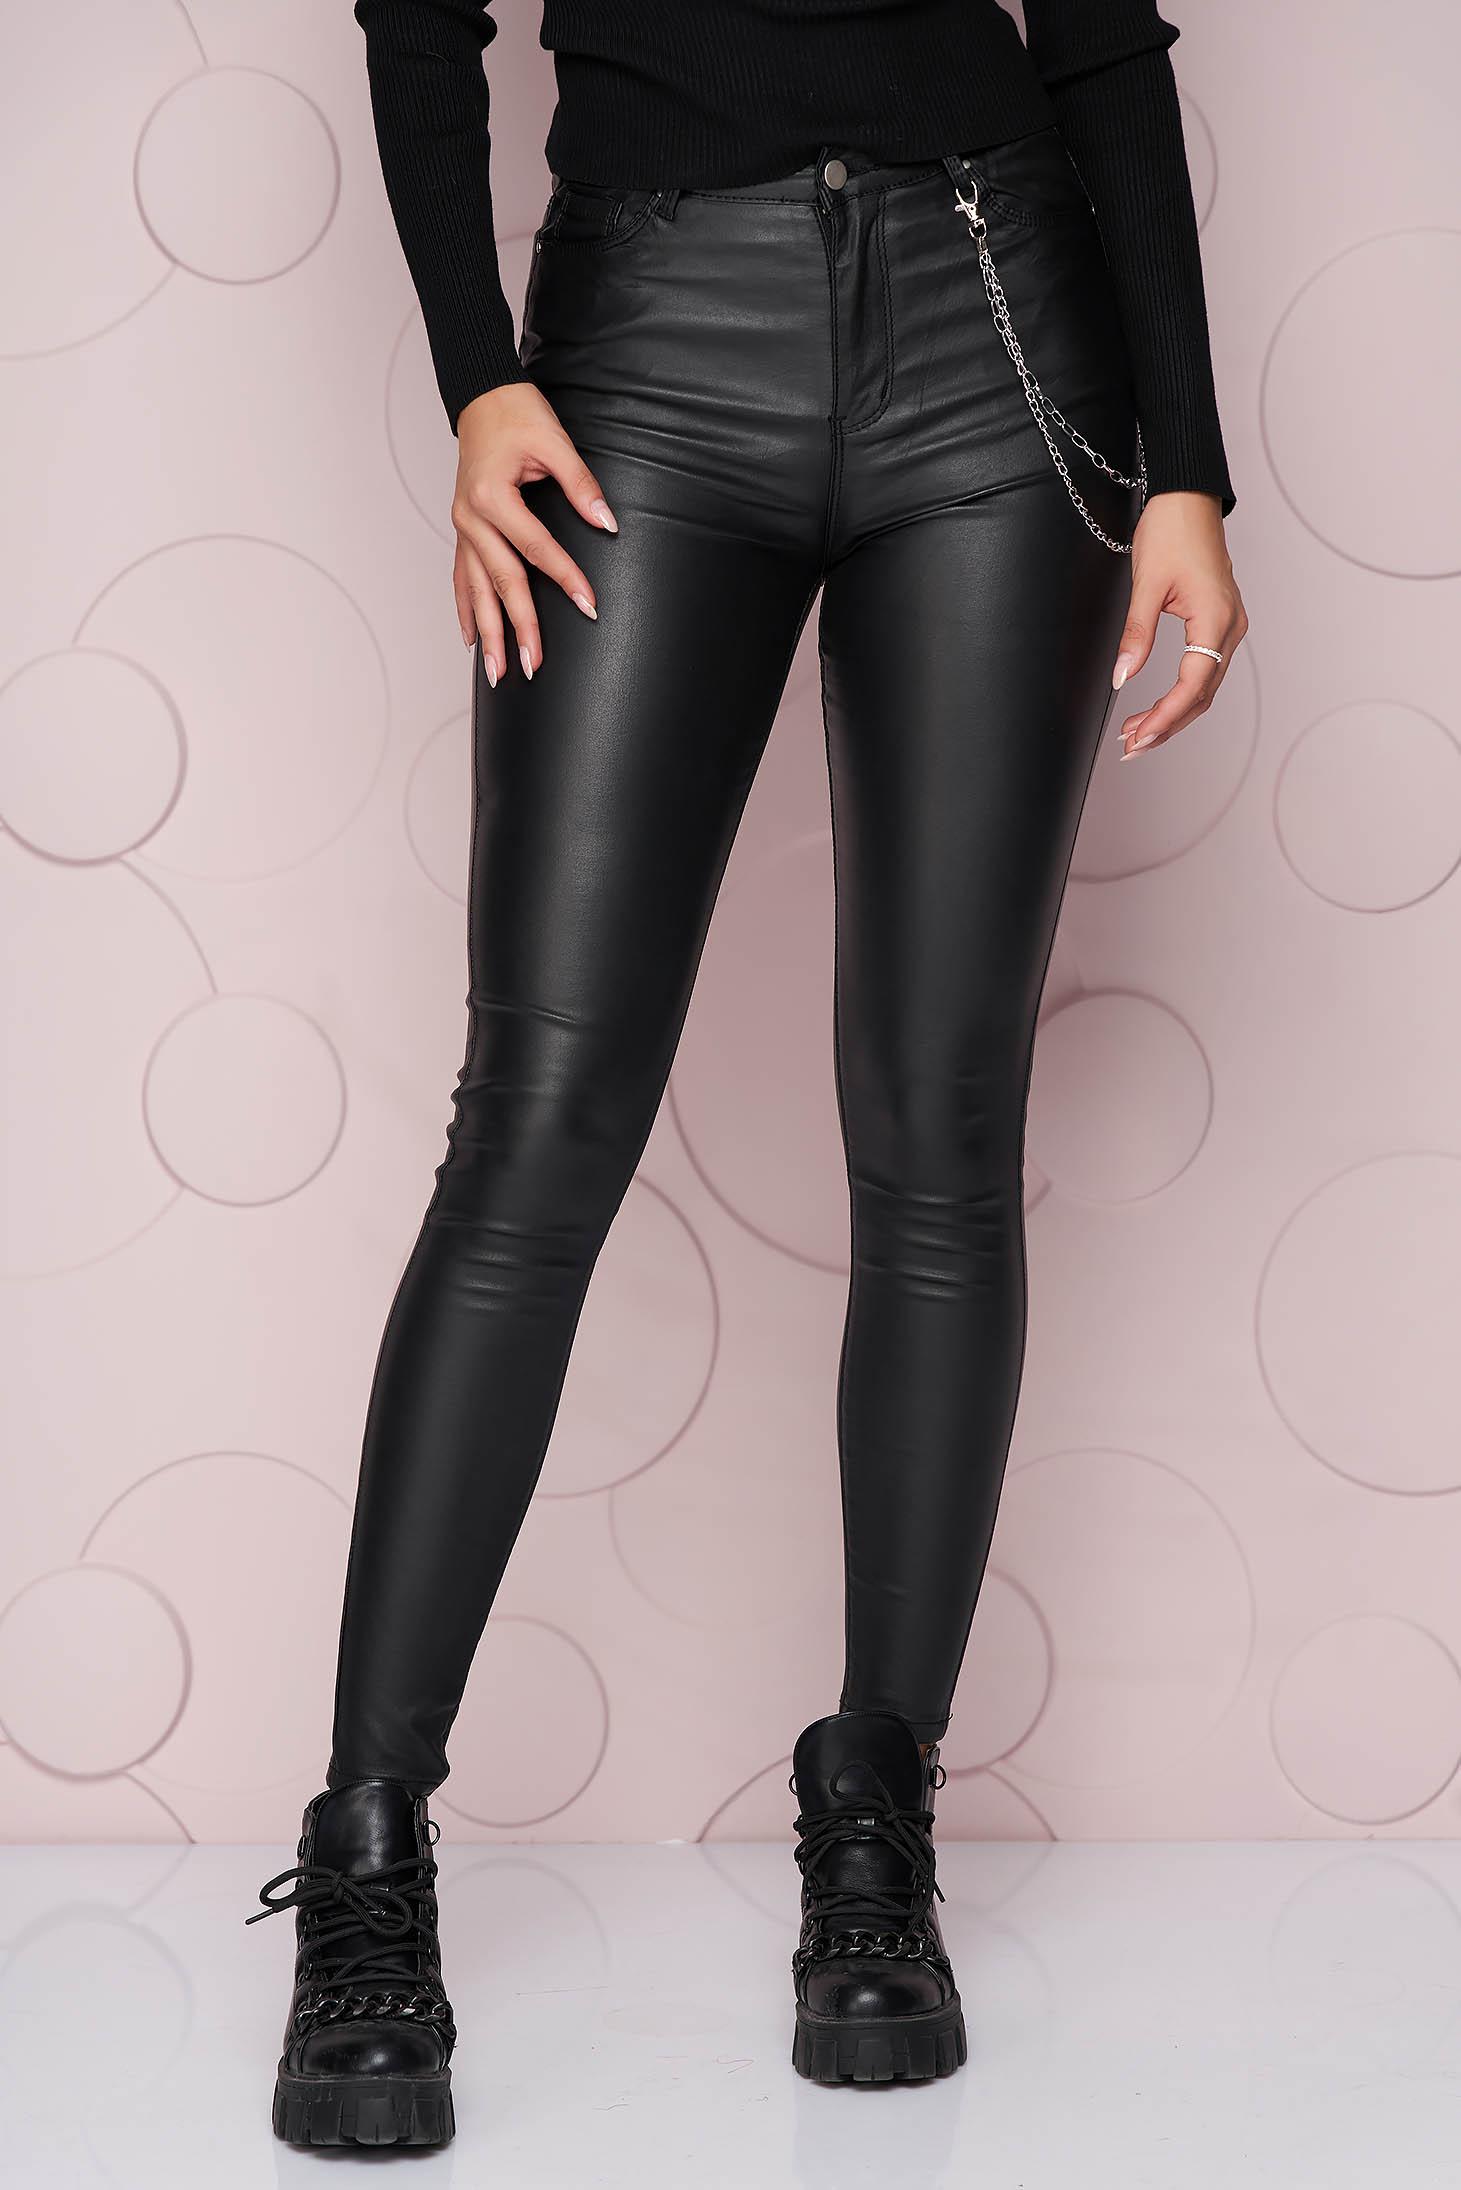 Pantaloni SunShine negri cu un croi mulat si talie inalta din material subtire si elastic accesorizati cu lant metalic